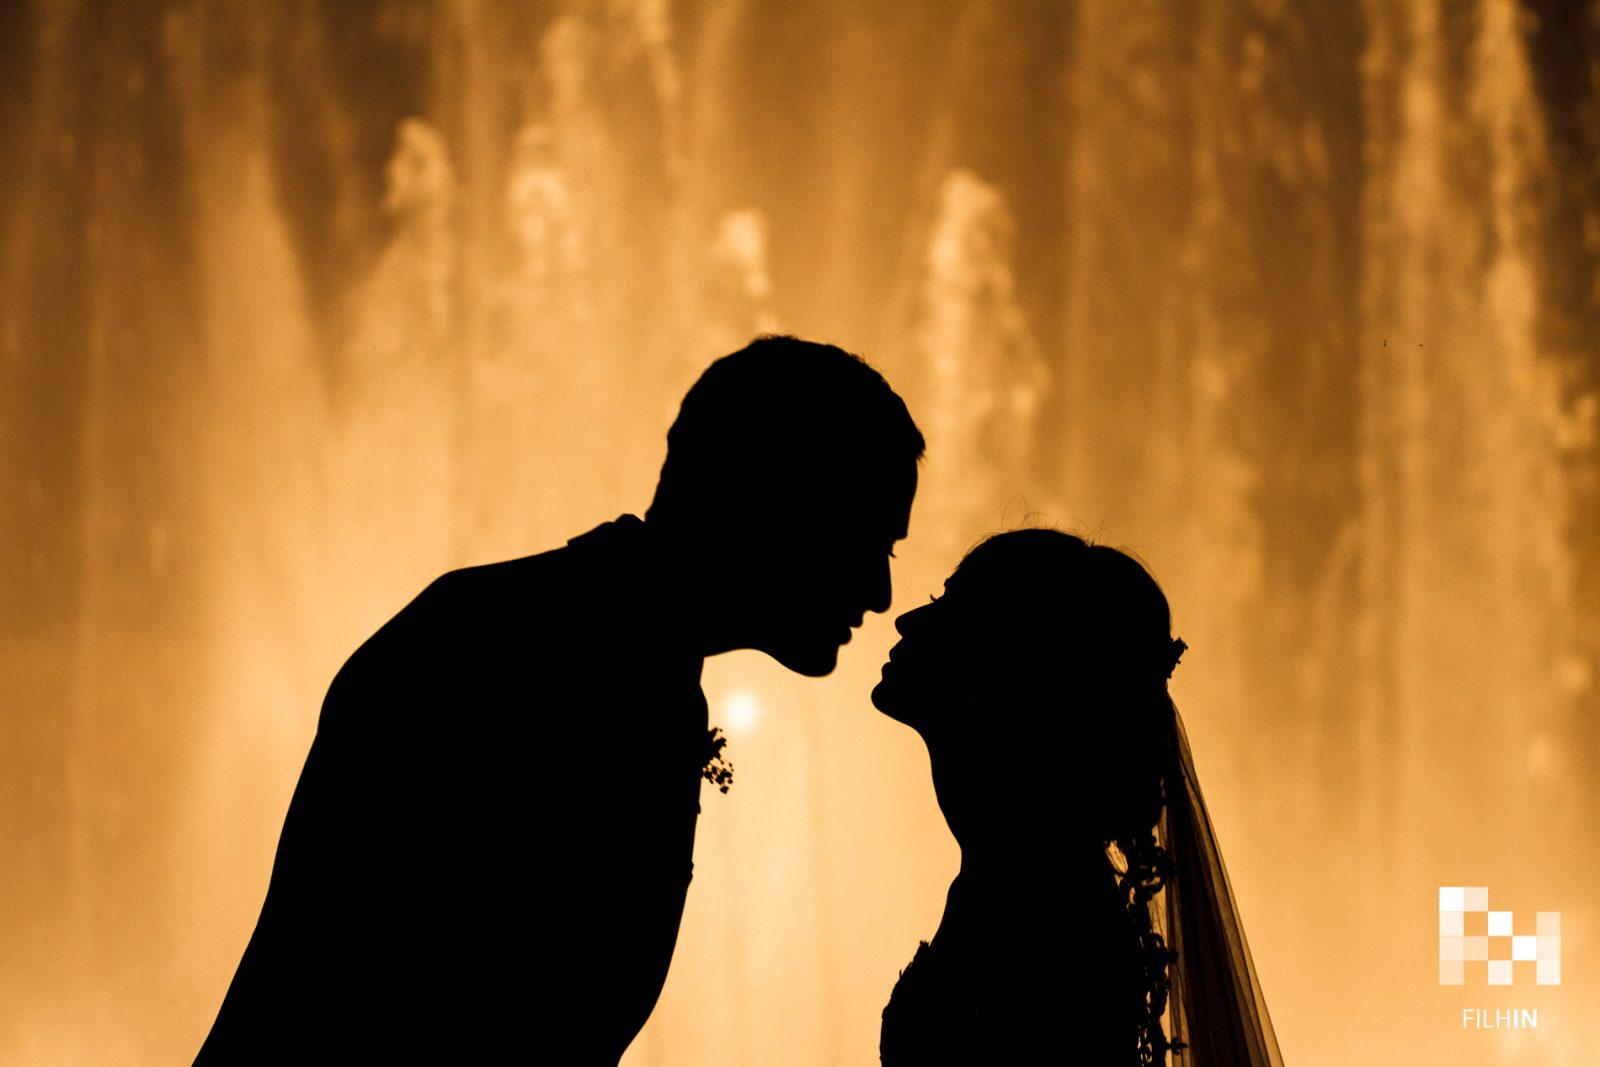 La boda de Ibán y Belén | FILHIN